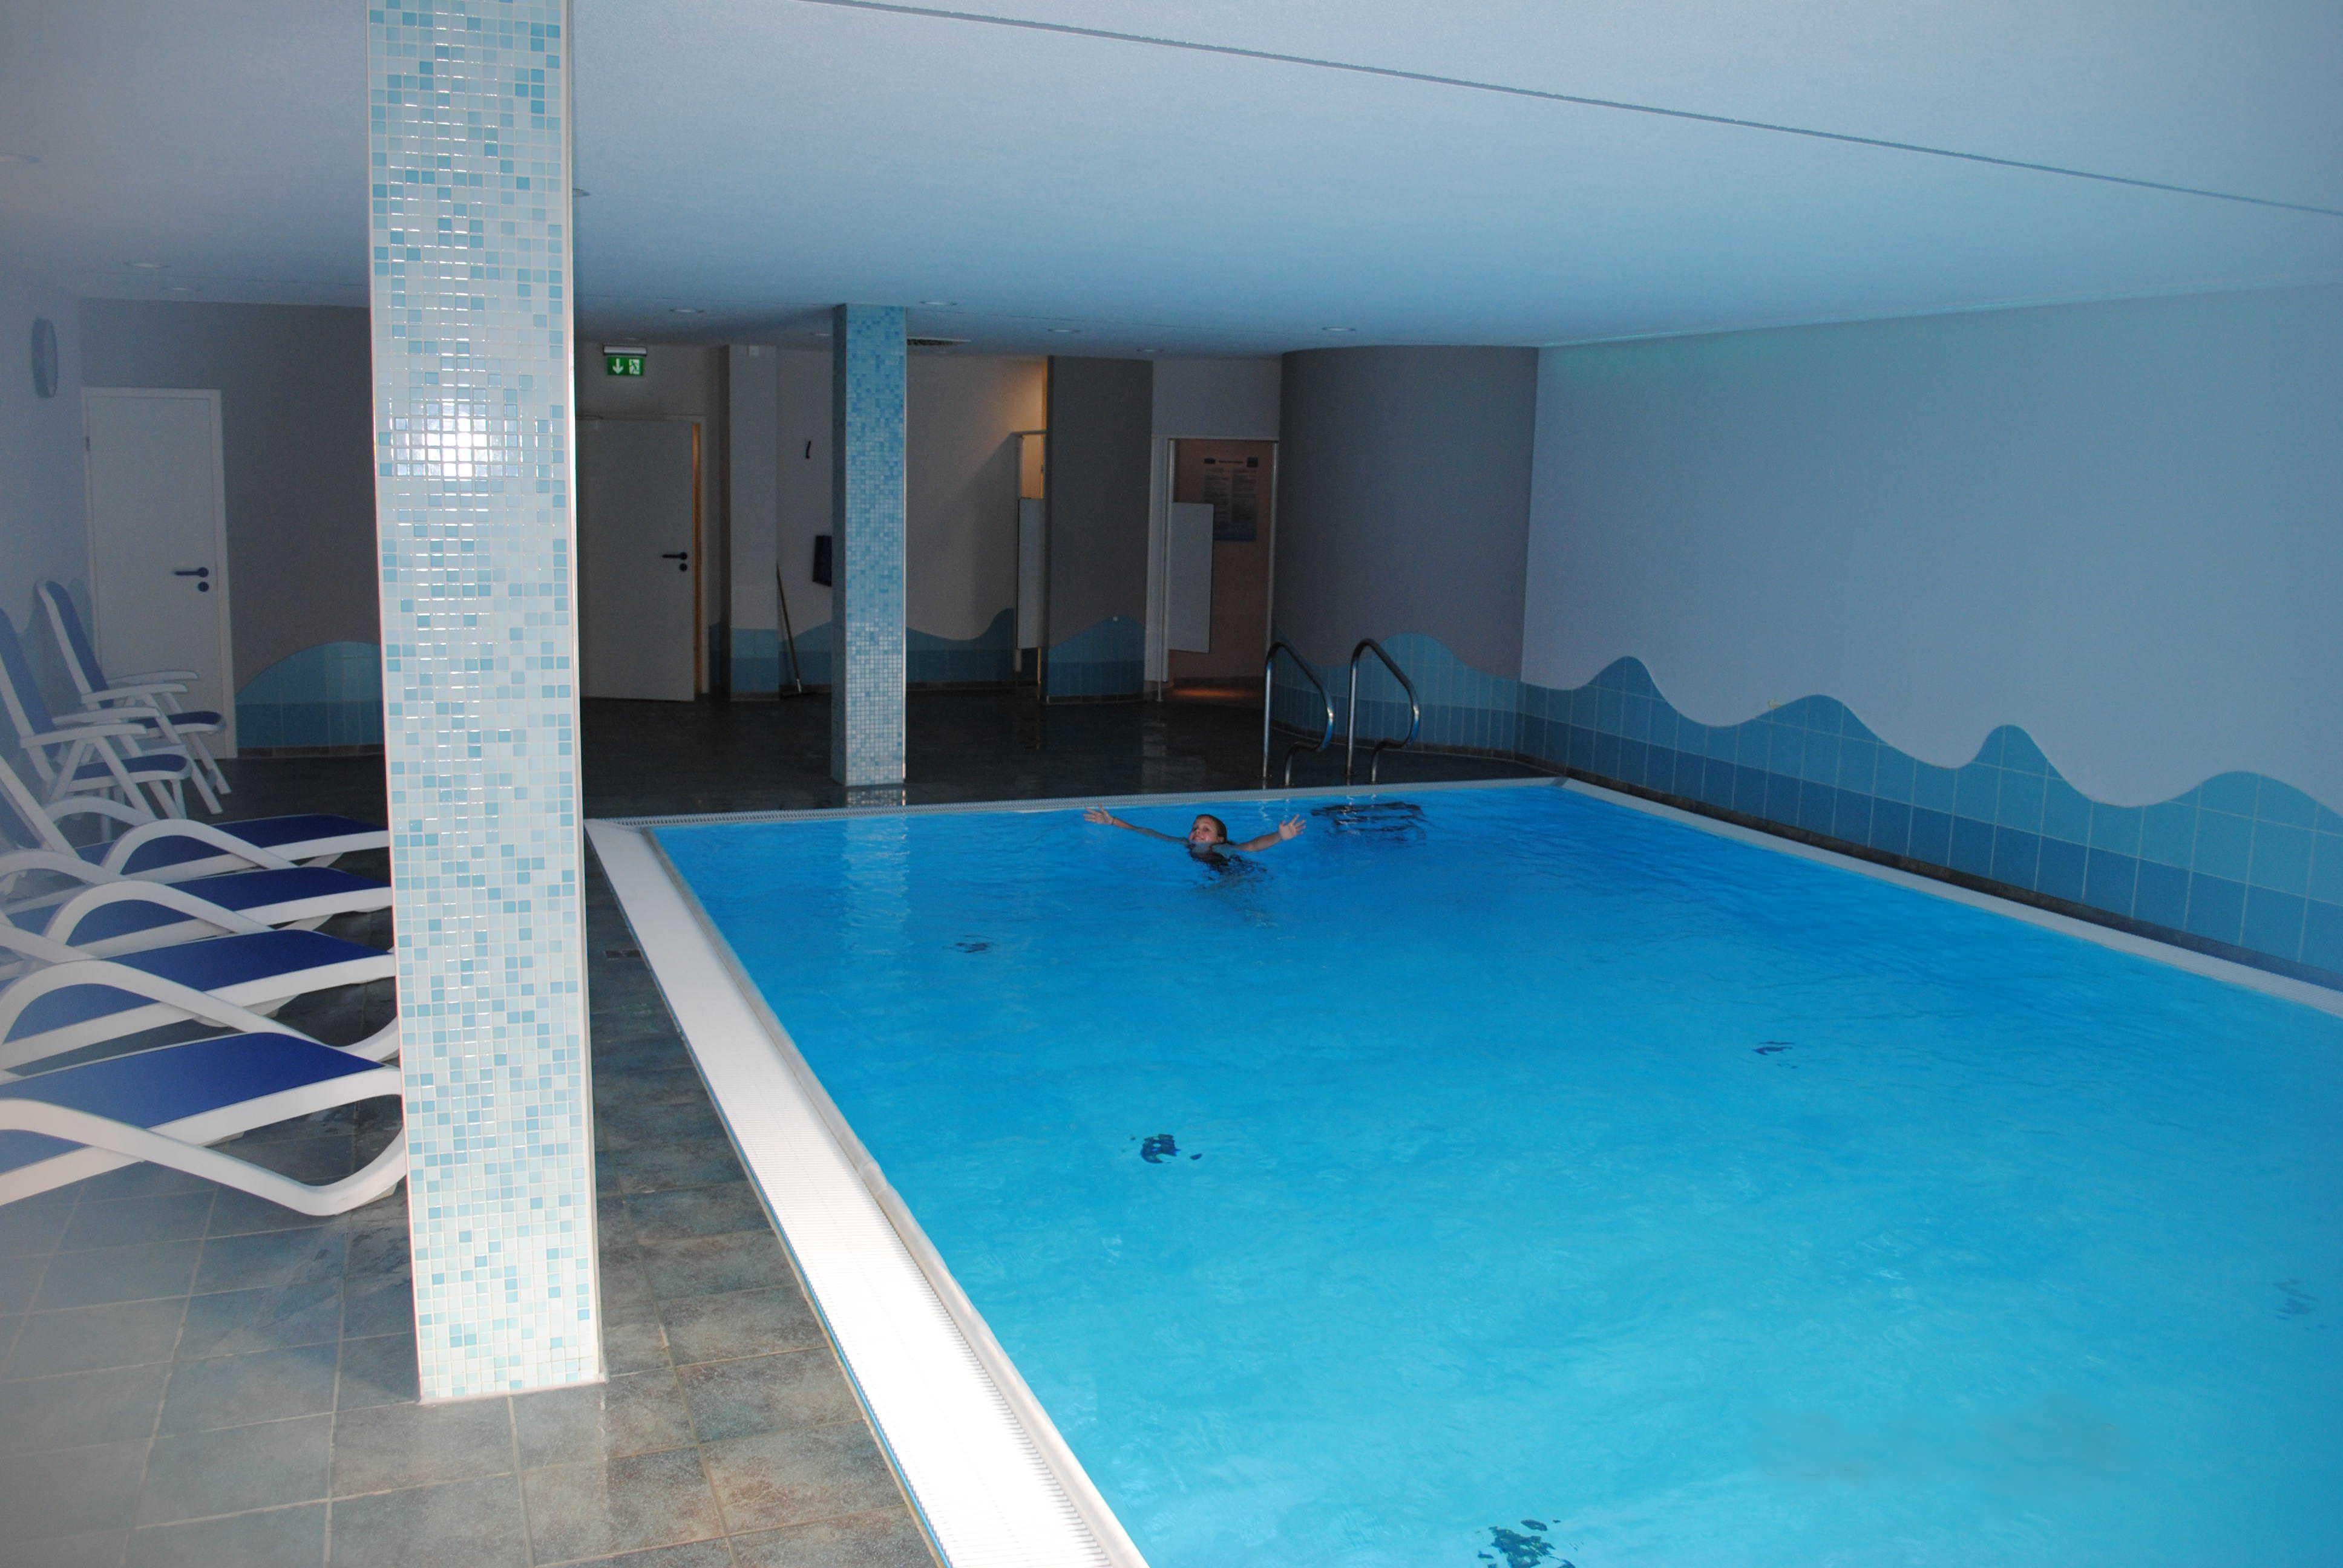 Das frisch renovierte Schwimbad.